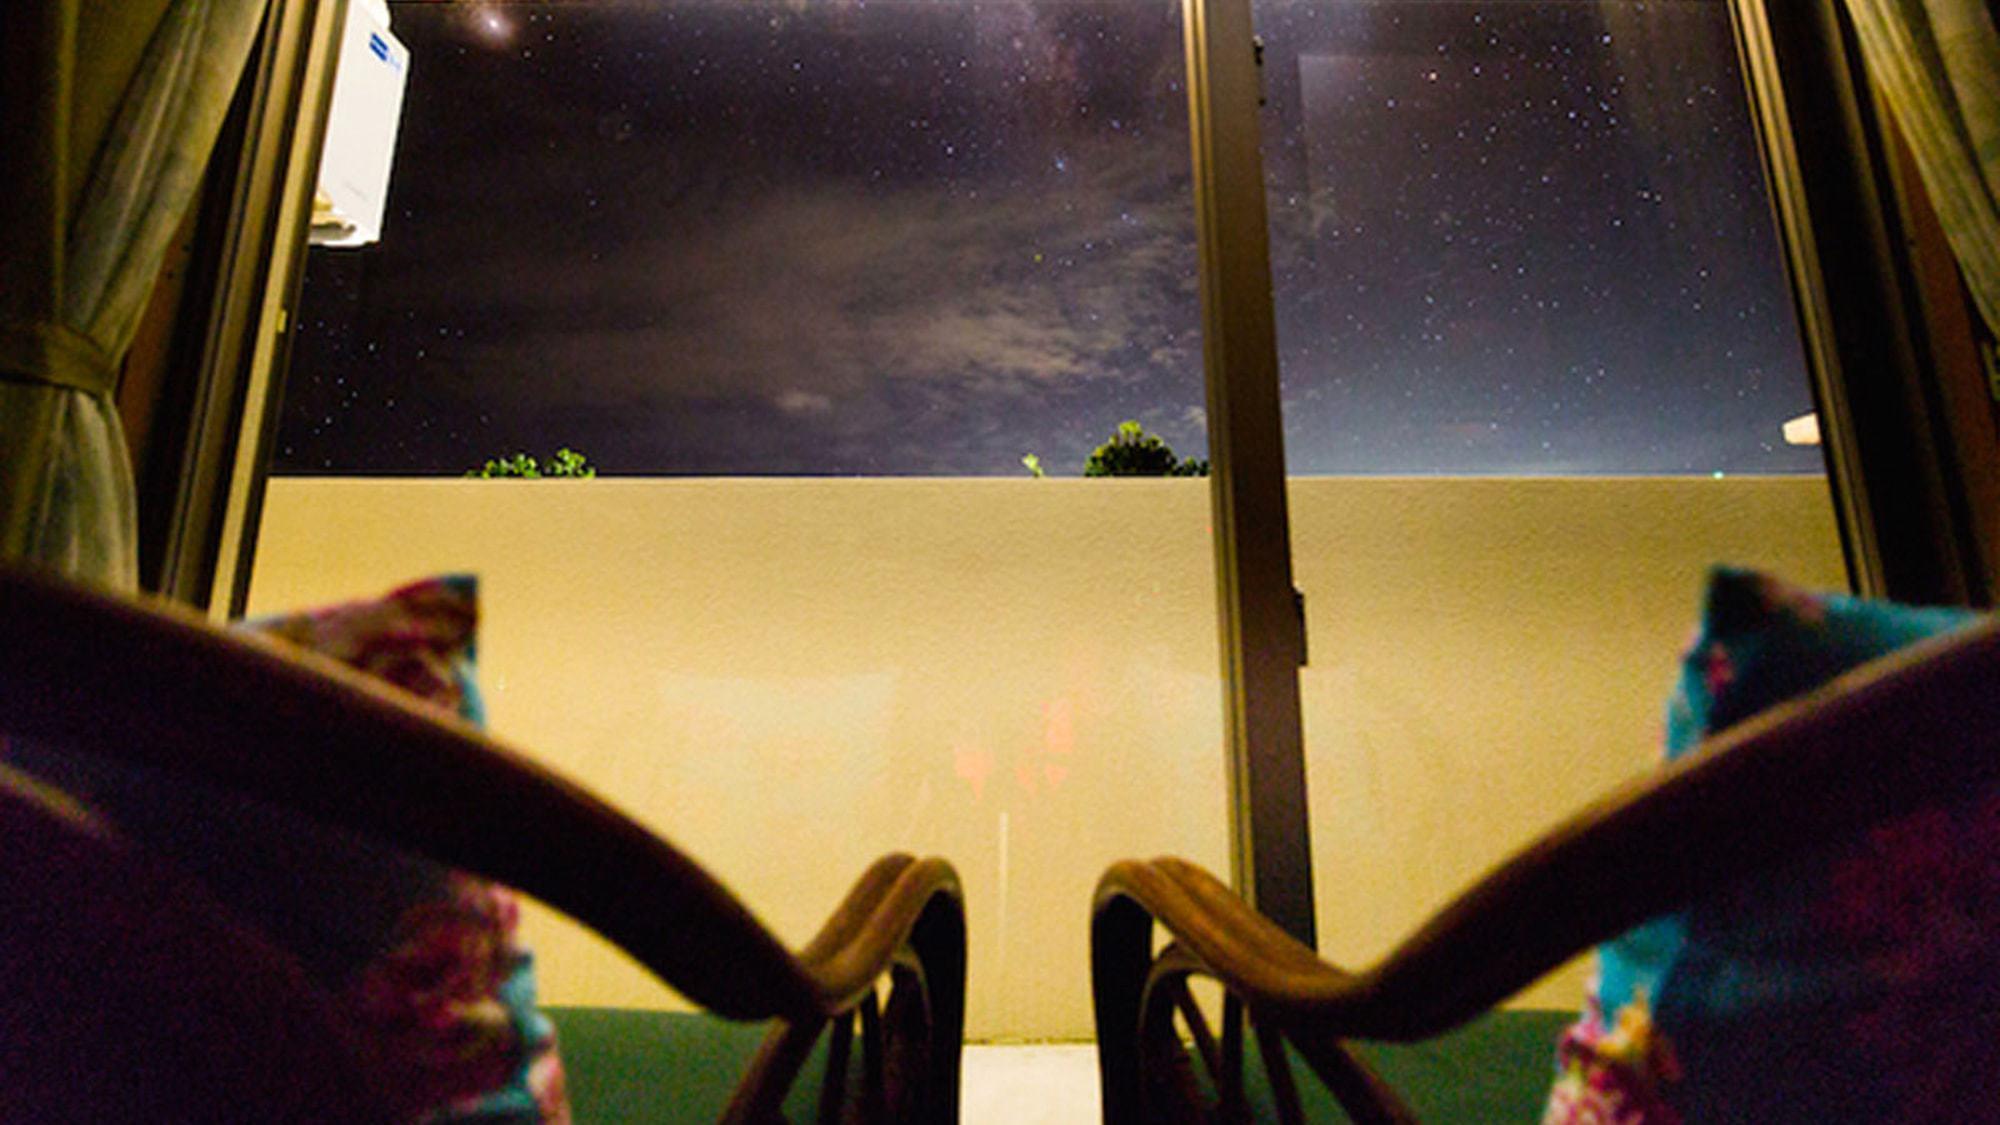 【夜空】幻想的な星空を特別な人と一緒に